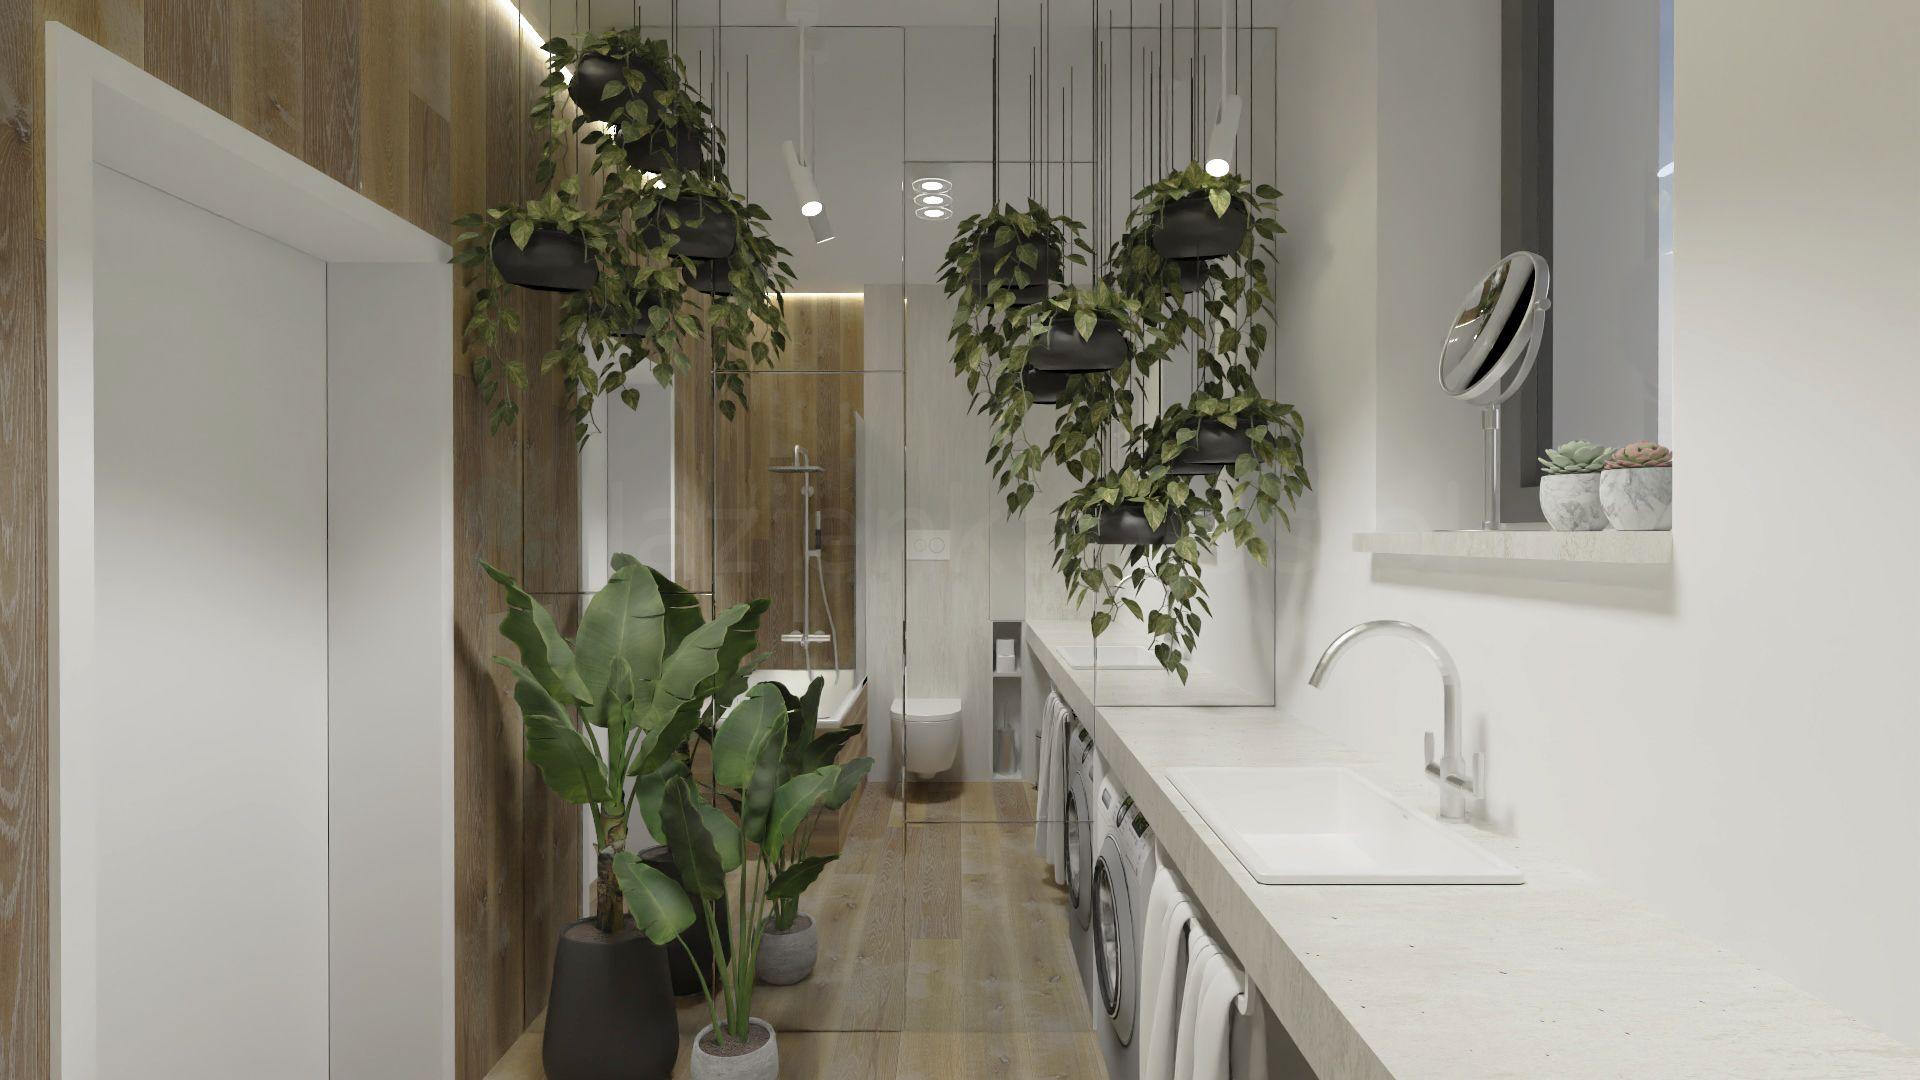 Łazienka z dużą ilością roślin